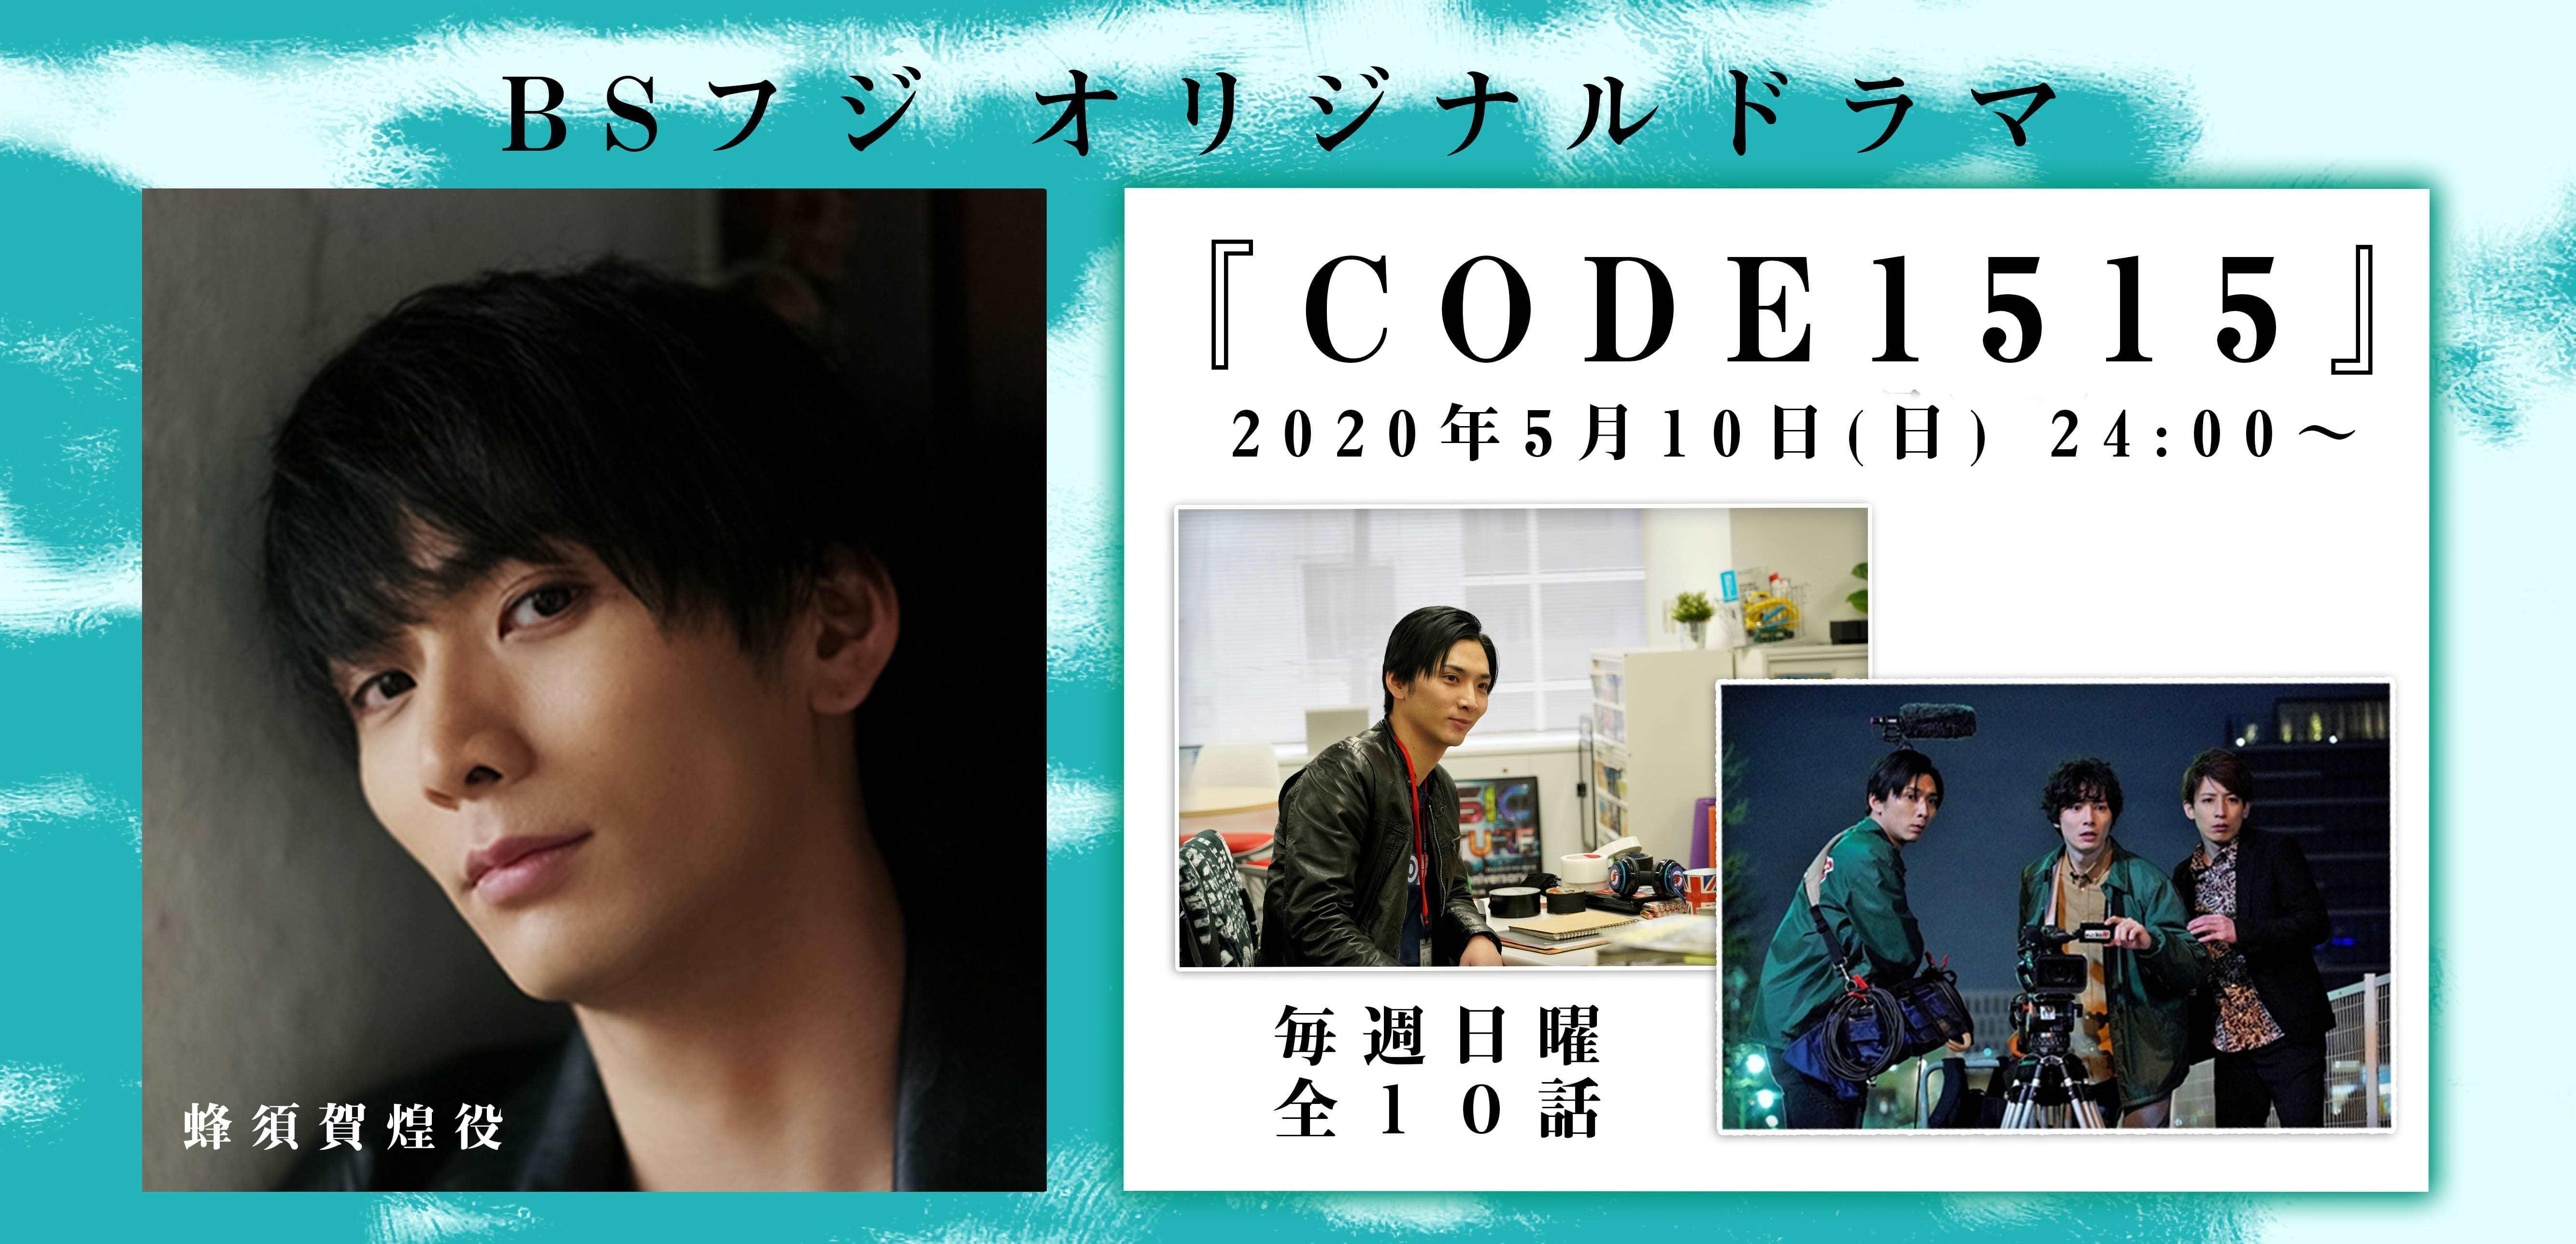 【sp】CODE1515